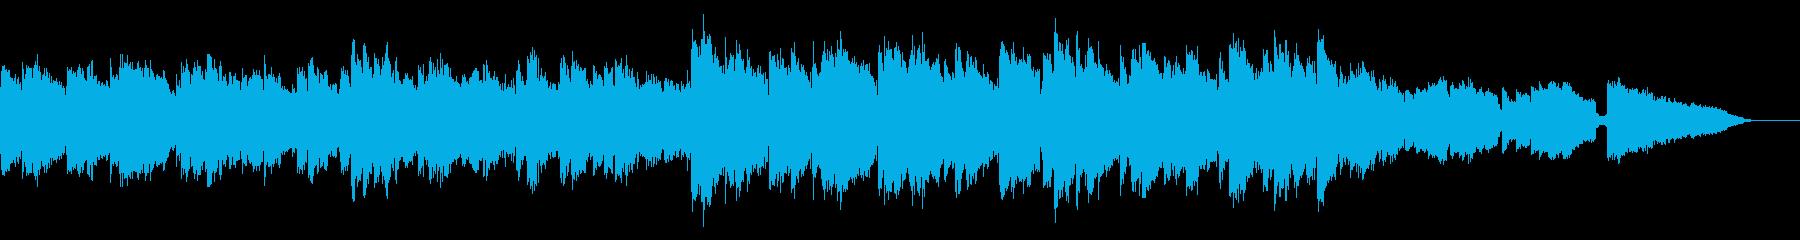 感動の場面に合うギターのメロディループの再生済みの波形